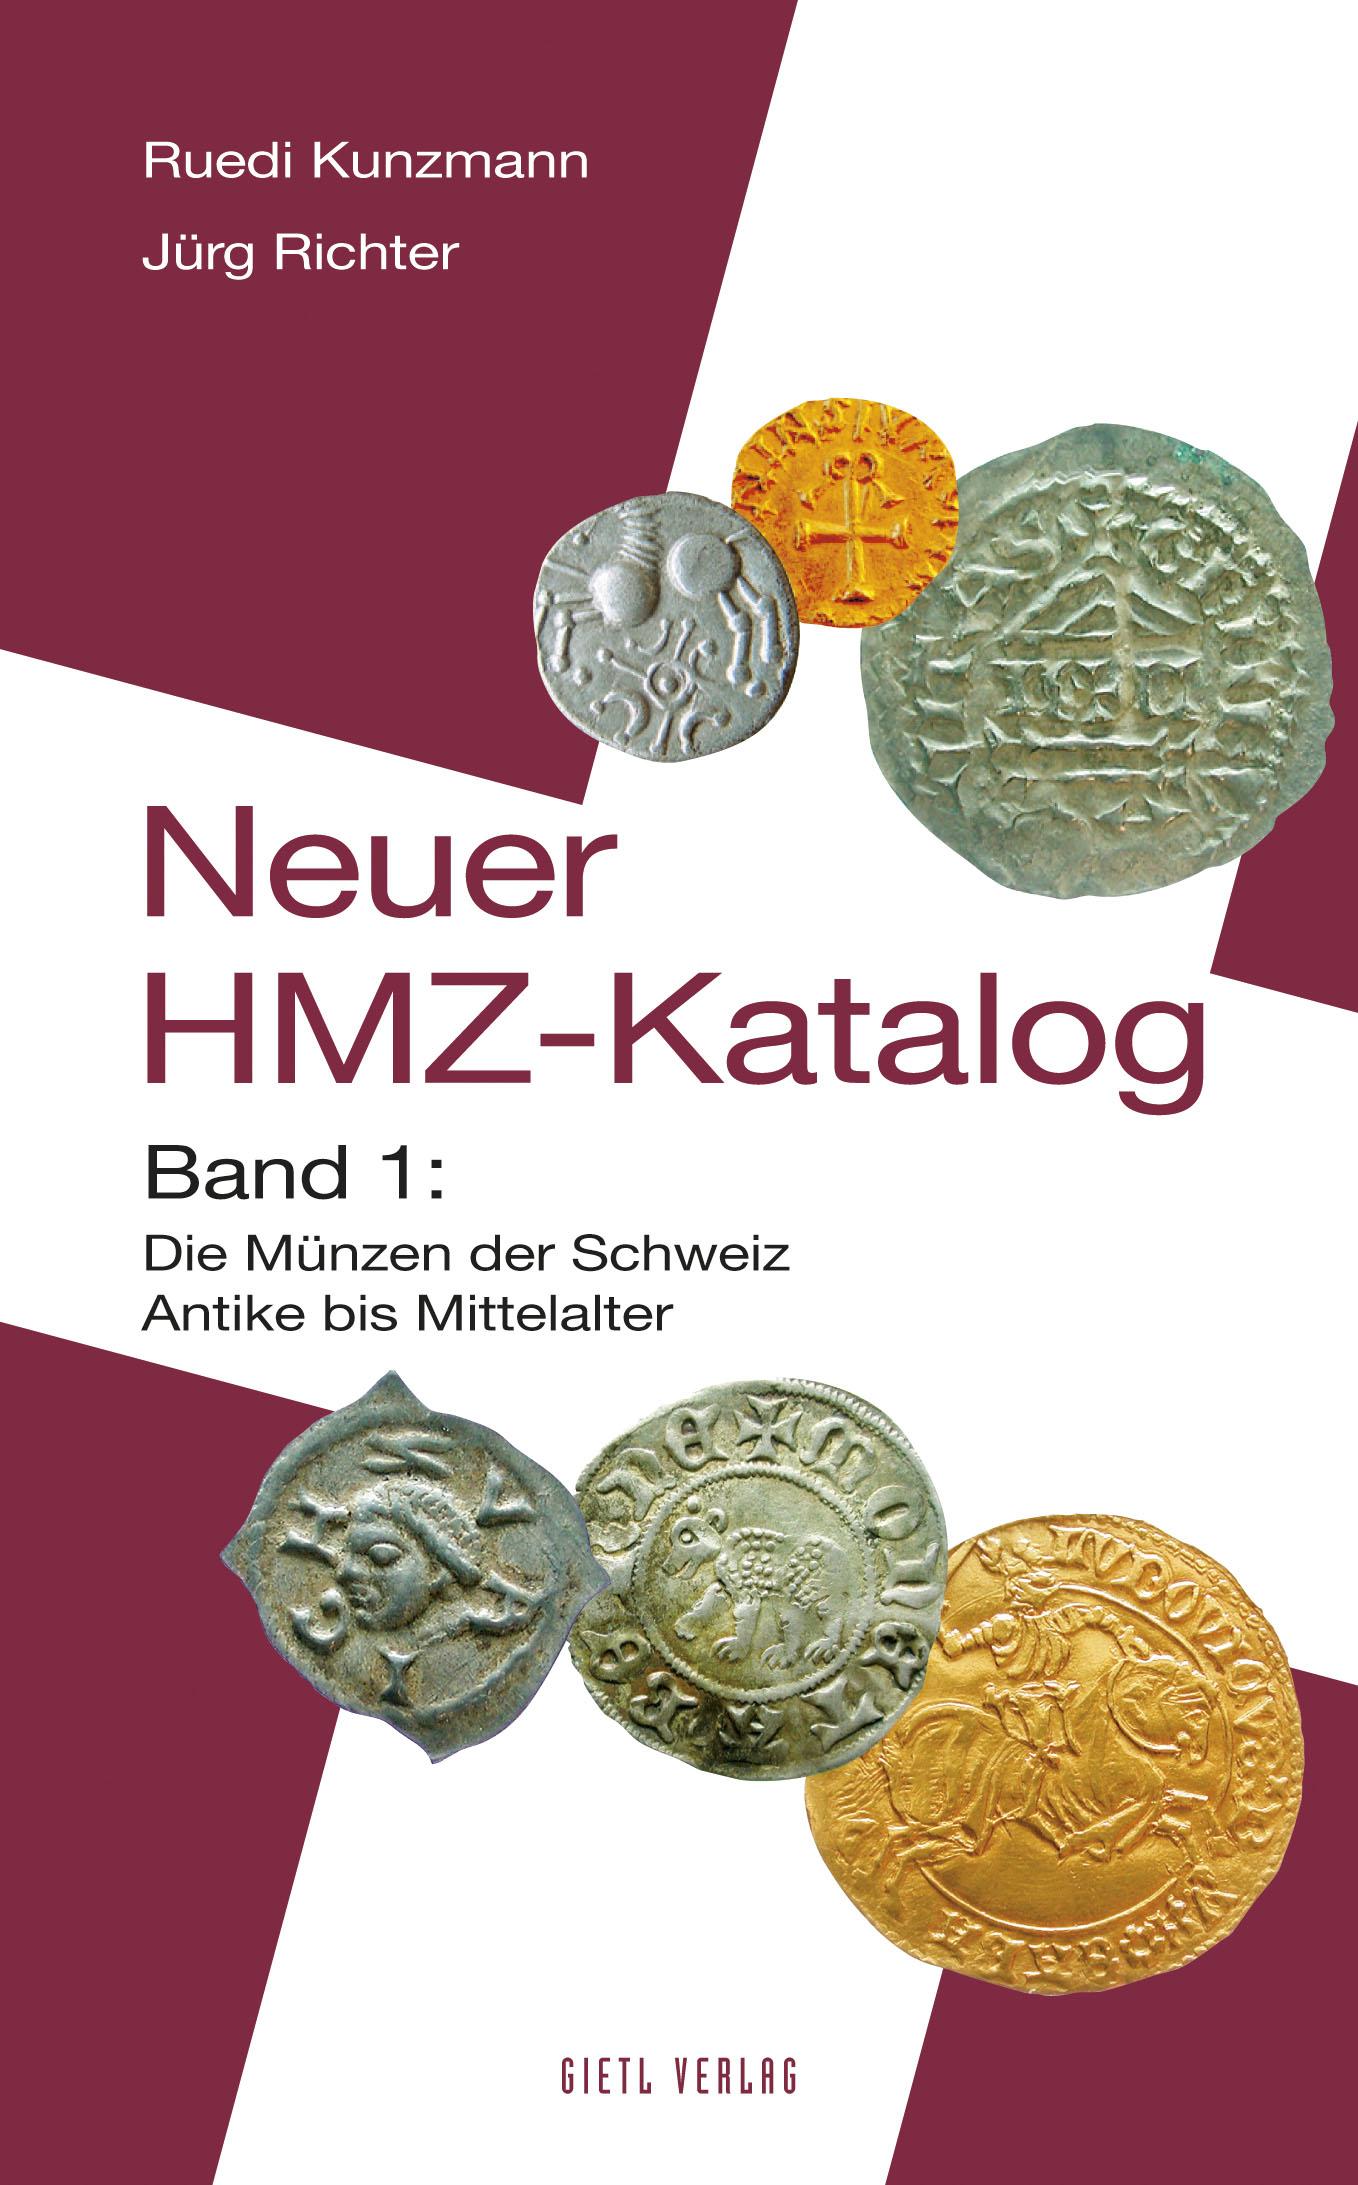 Kunzmann/Richter Neuer HMZ-Katalog Band 1: Die Münzen der Schwei